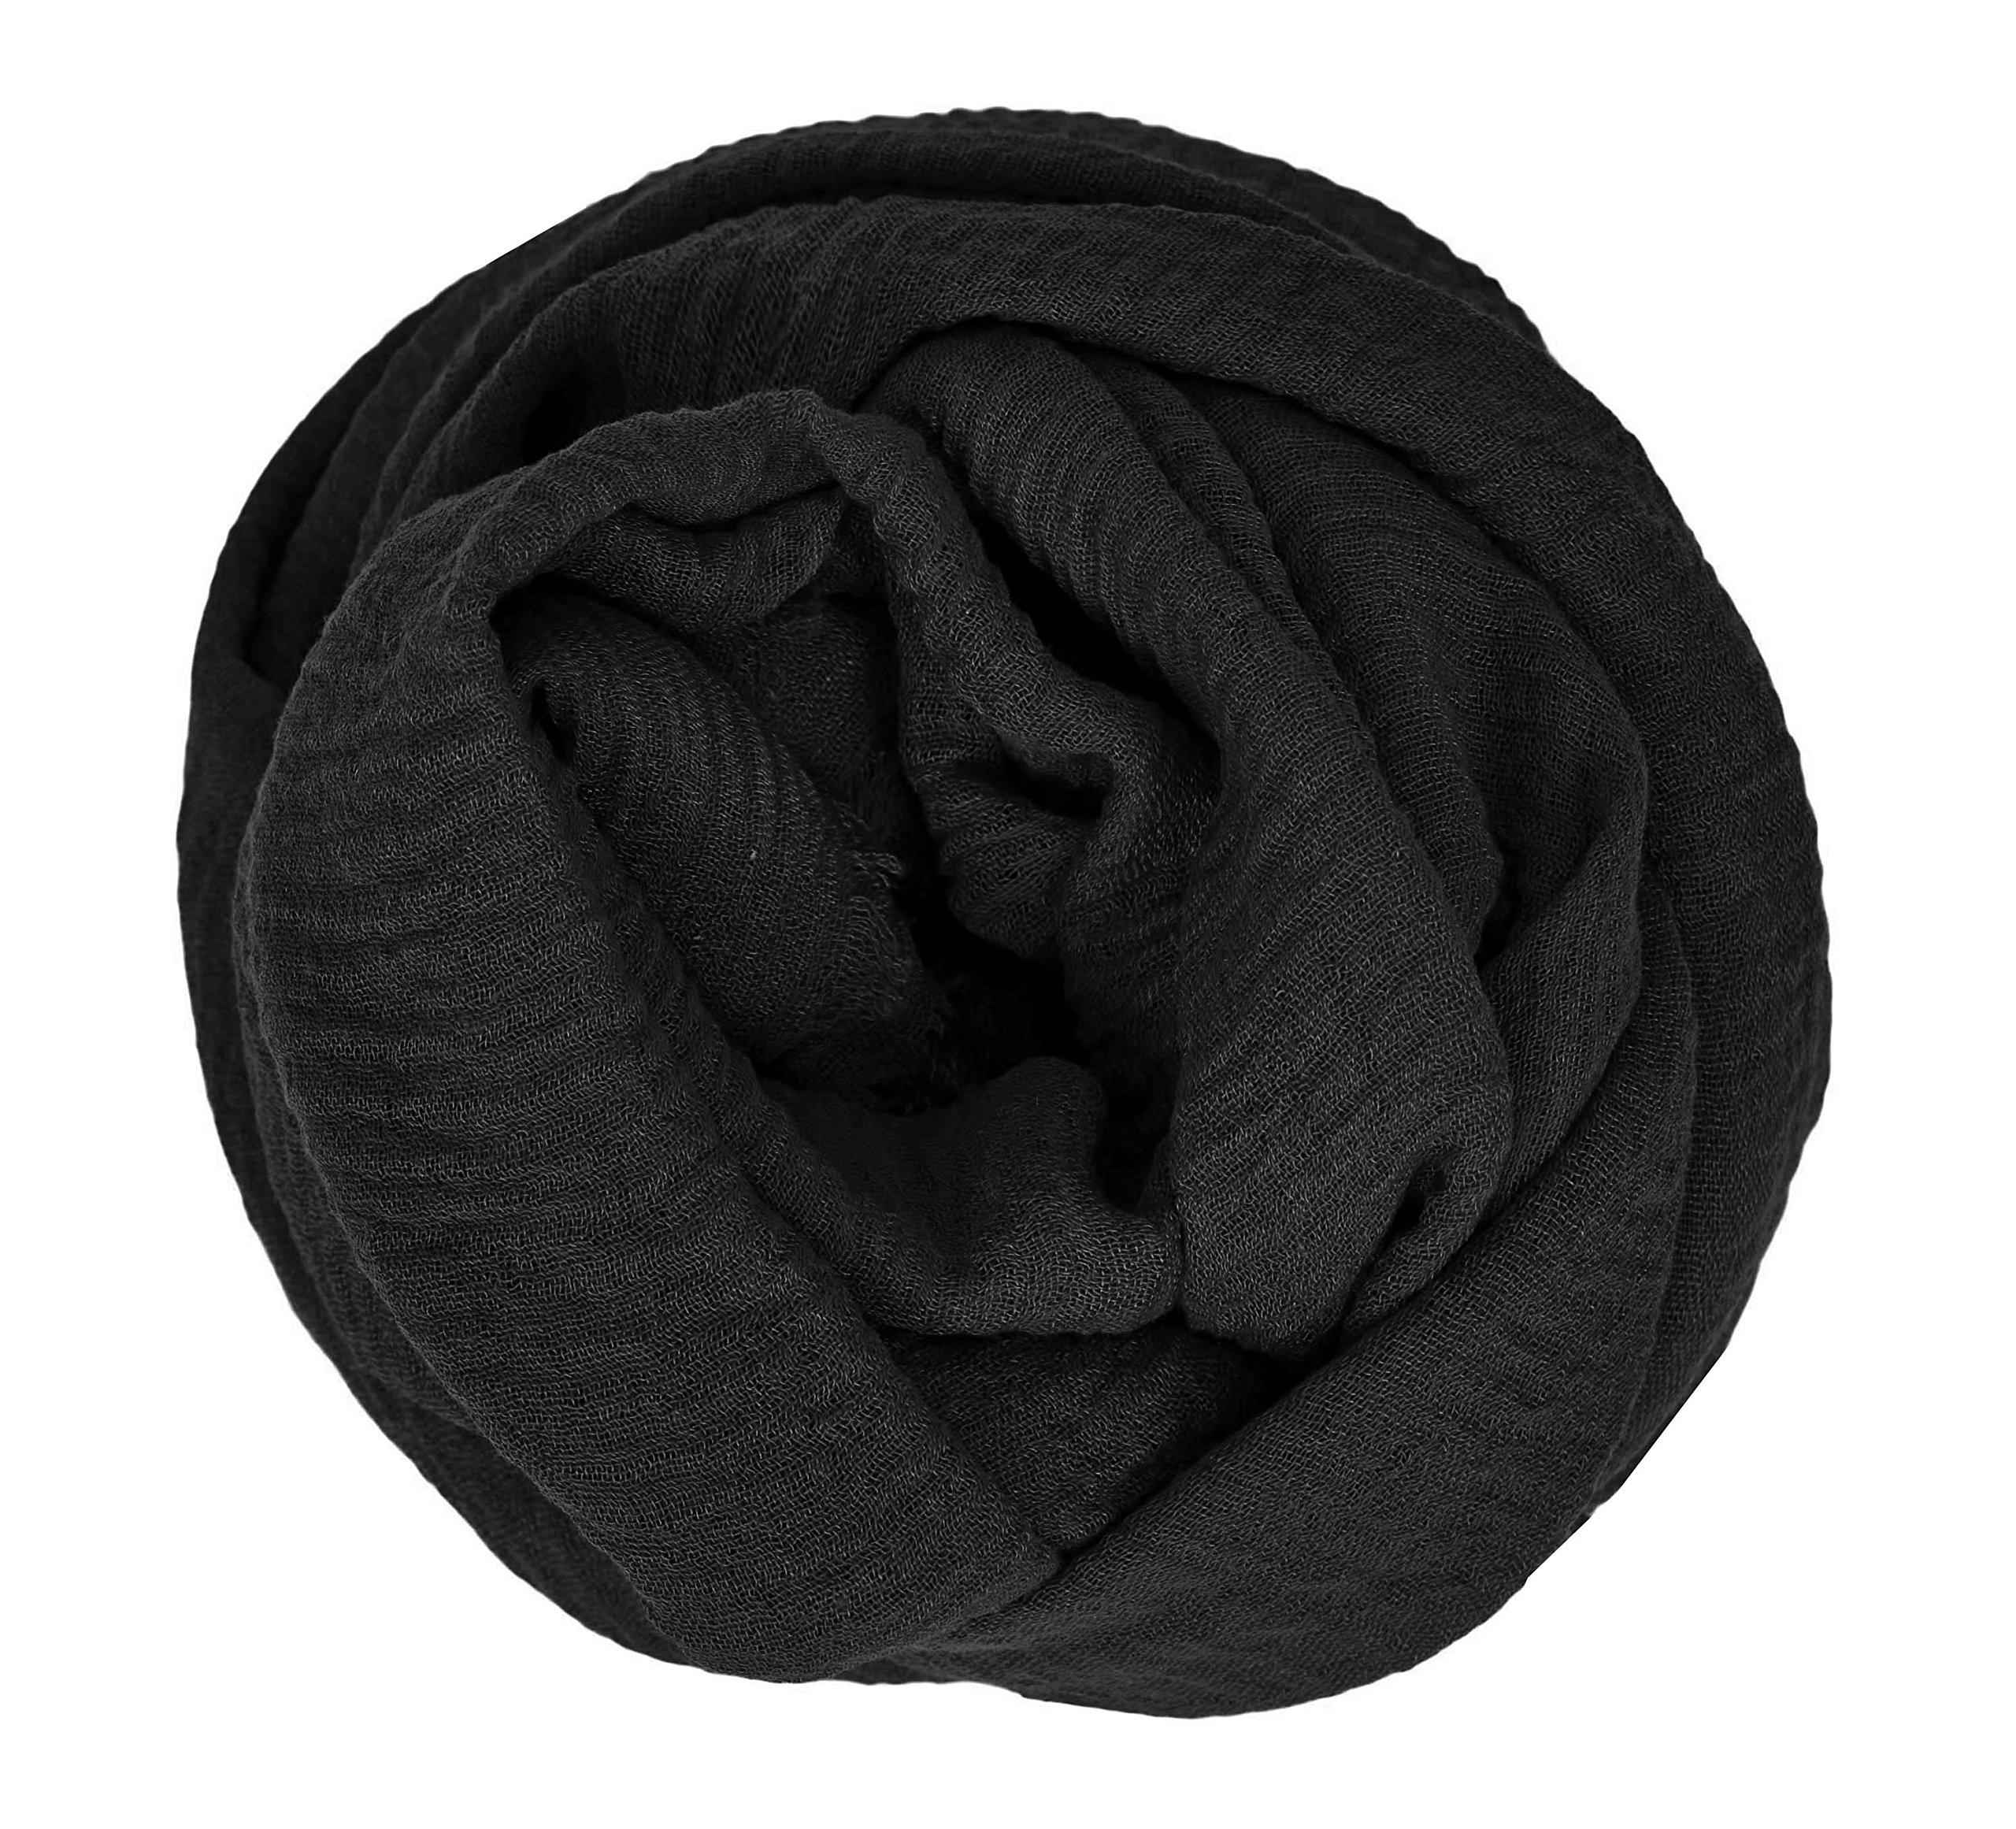 Hijab Scarves Shawl Crimp Edges Oversized Frayed Maxi Scarf Cotton Mix*Crinkle